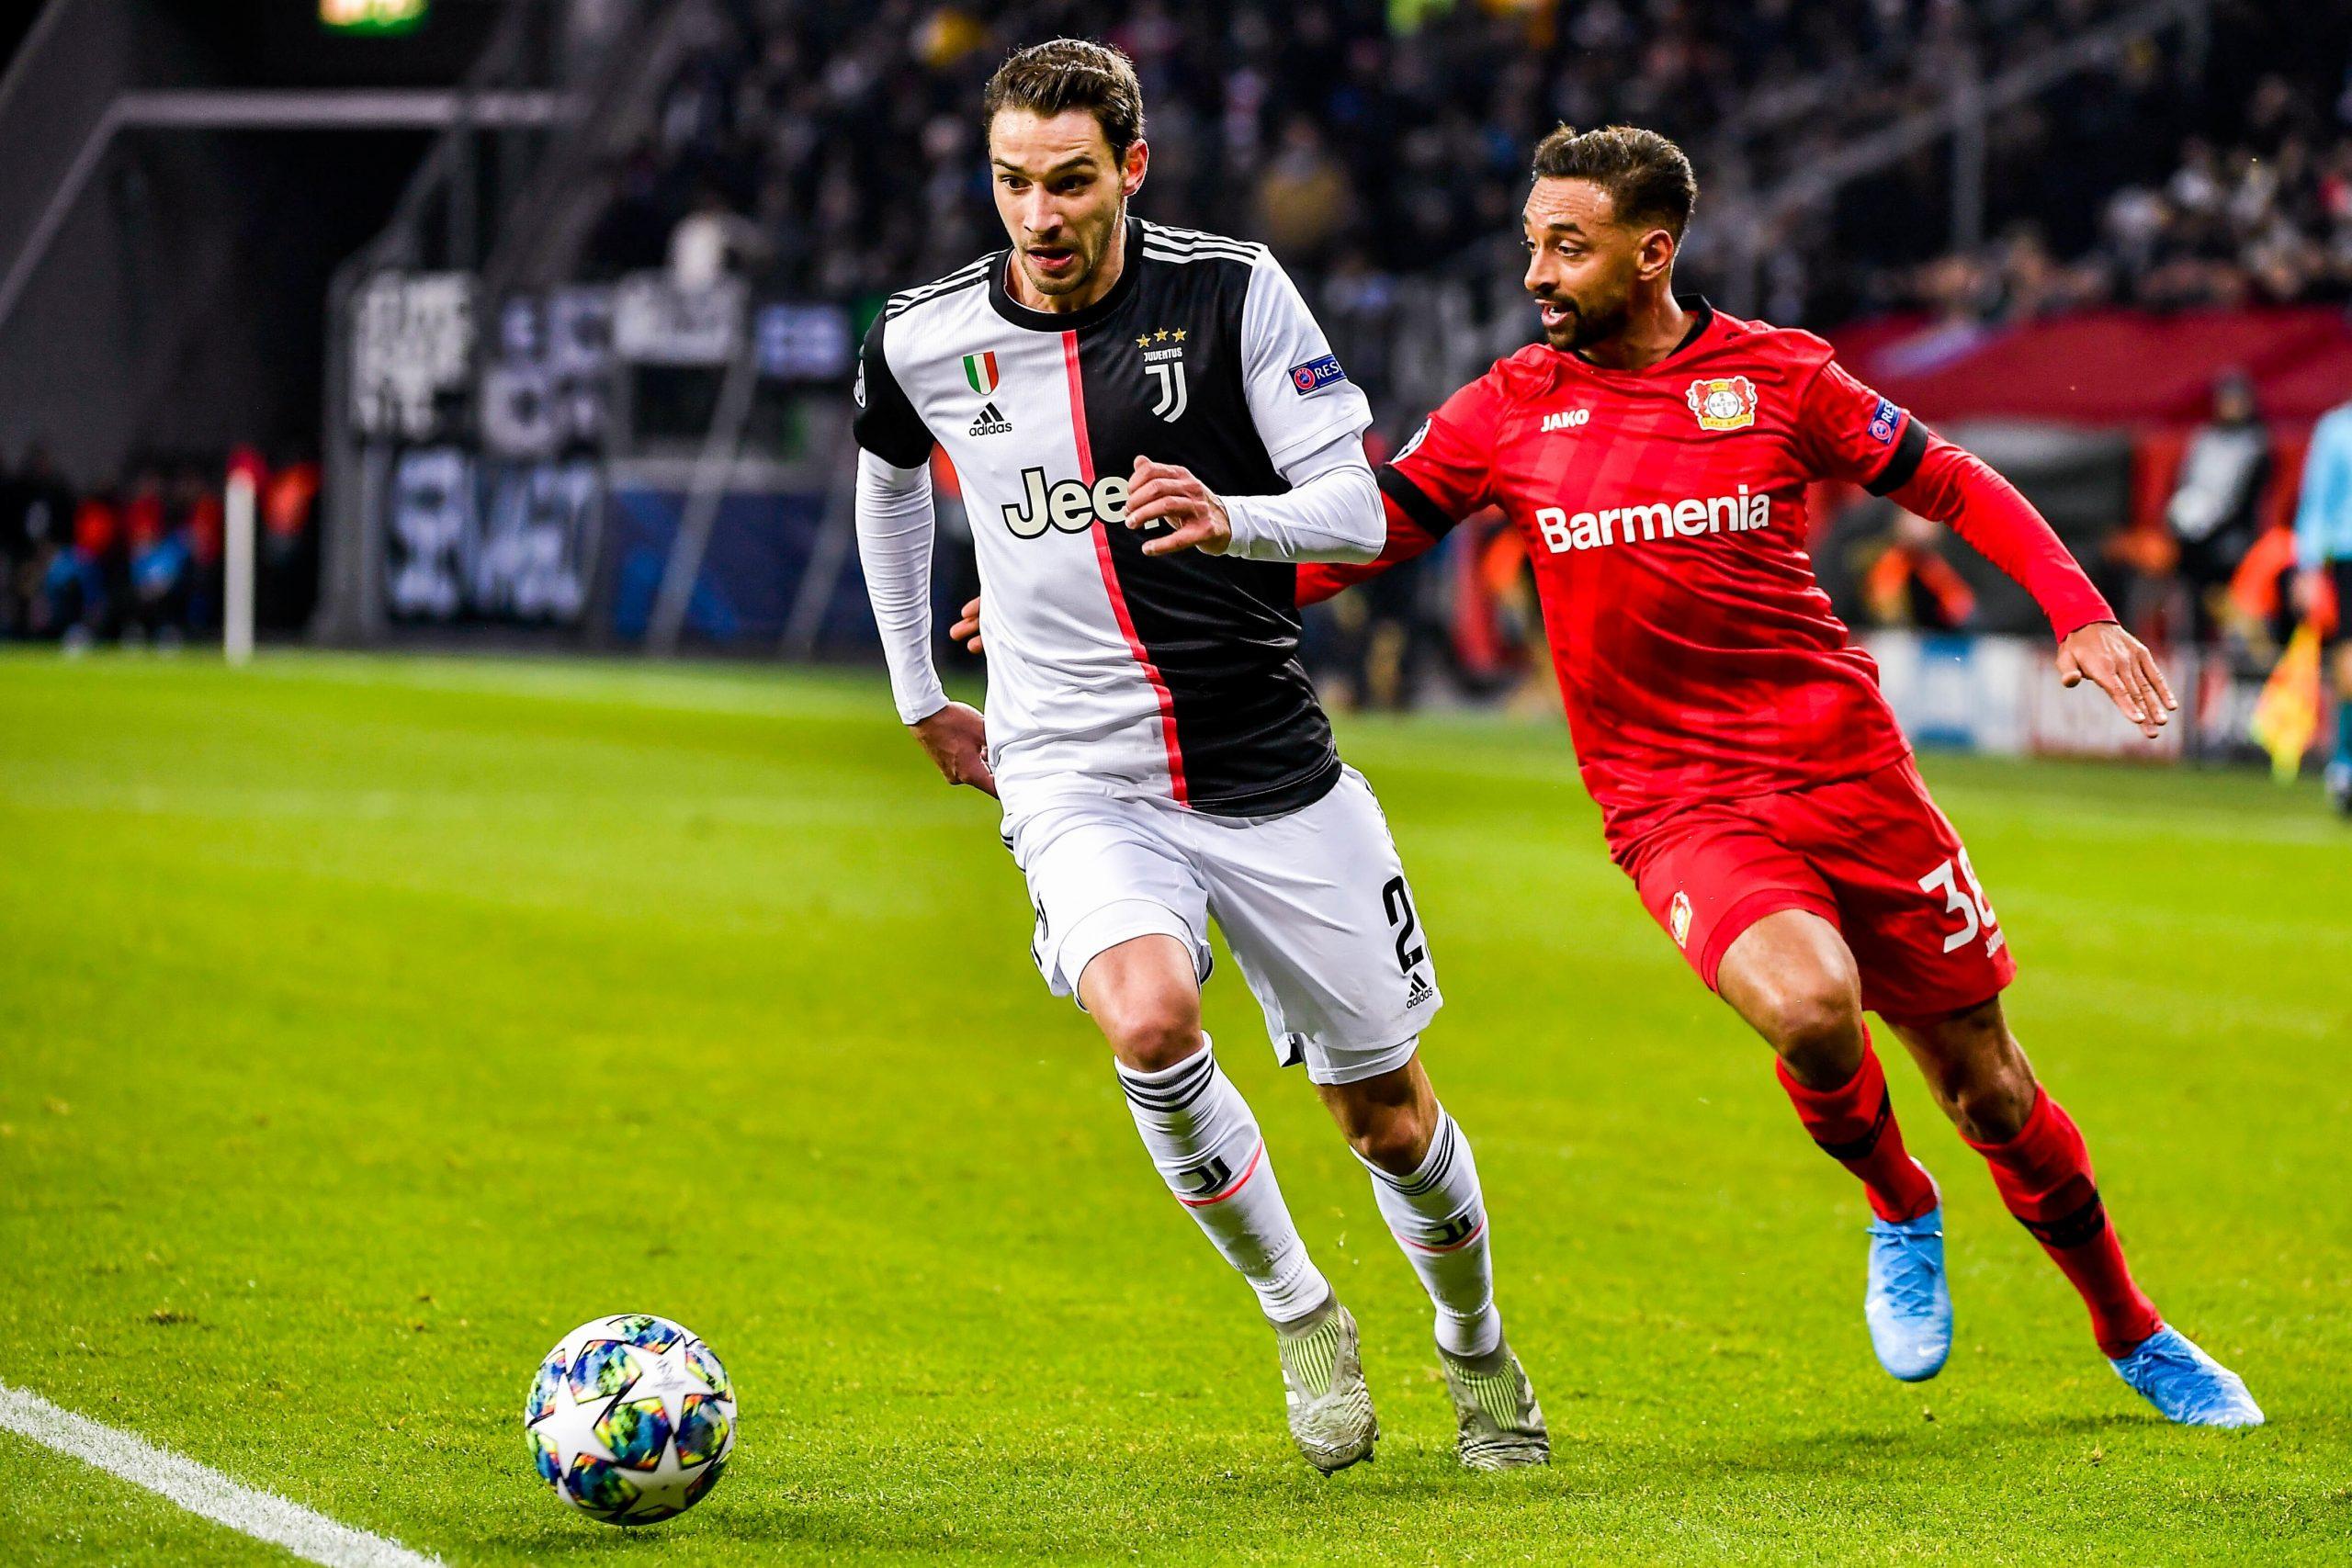 Mercato - Le PSG et la Juventus auraient avancé sur l'échange entre De Sciglio et Kurzawa